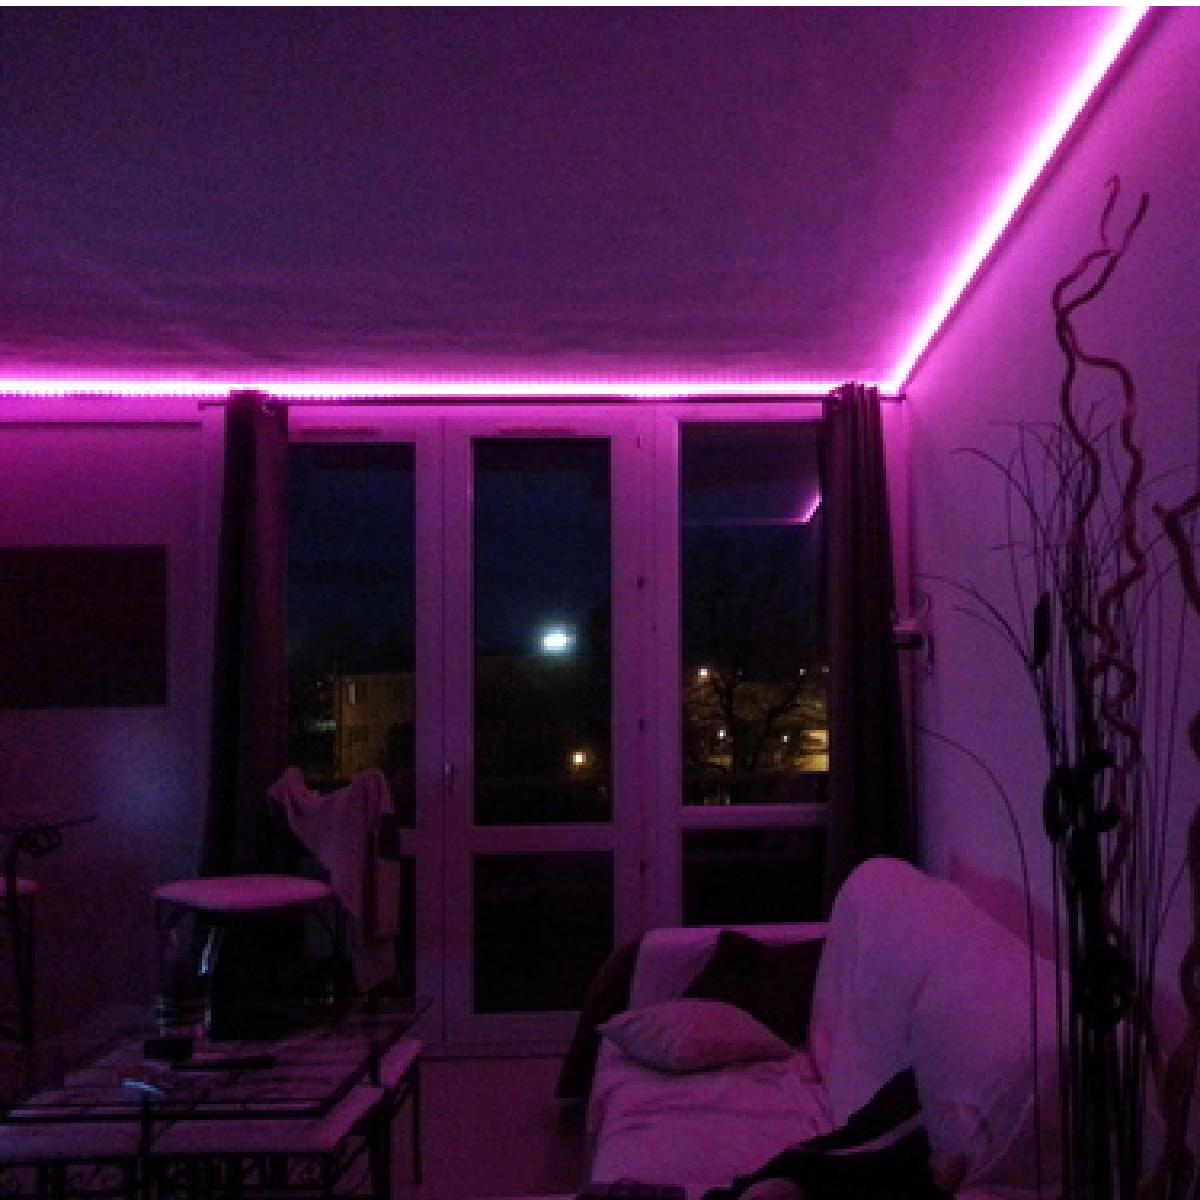 Ruban lumineux à LED, changer la déco de votre maison  Lumieres